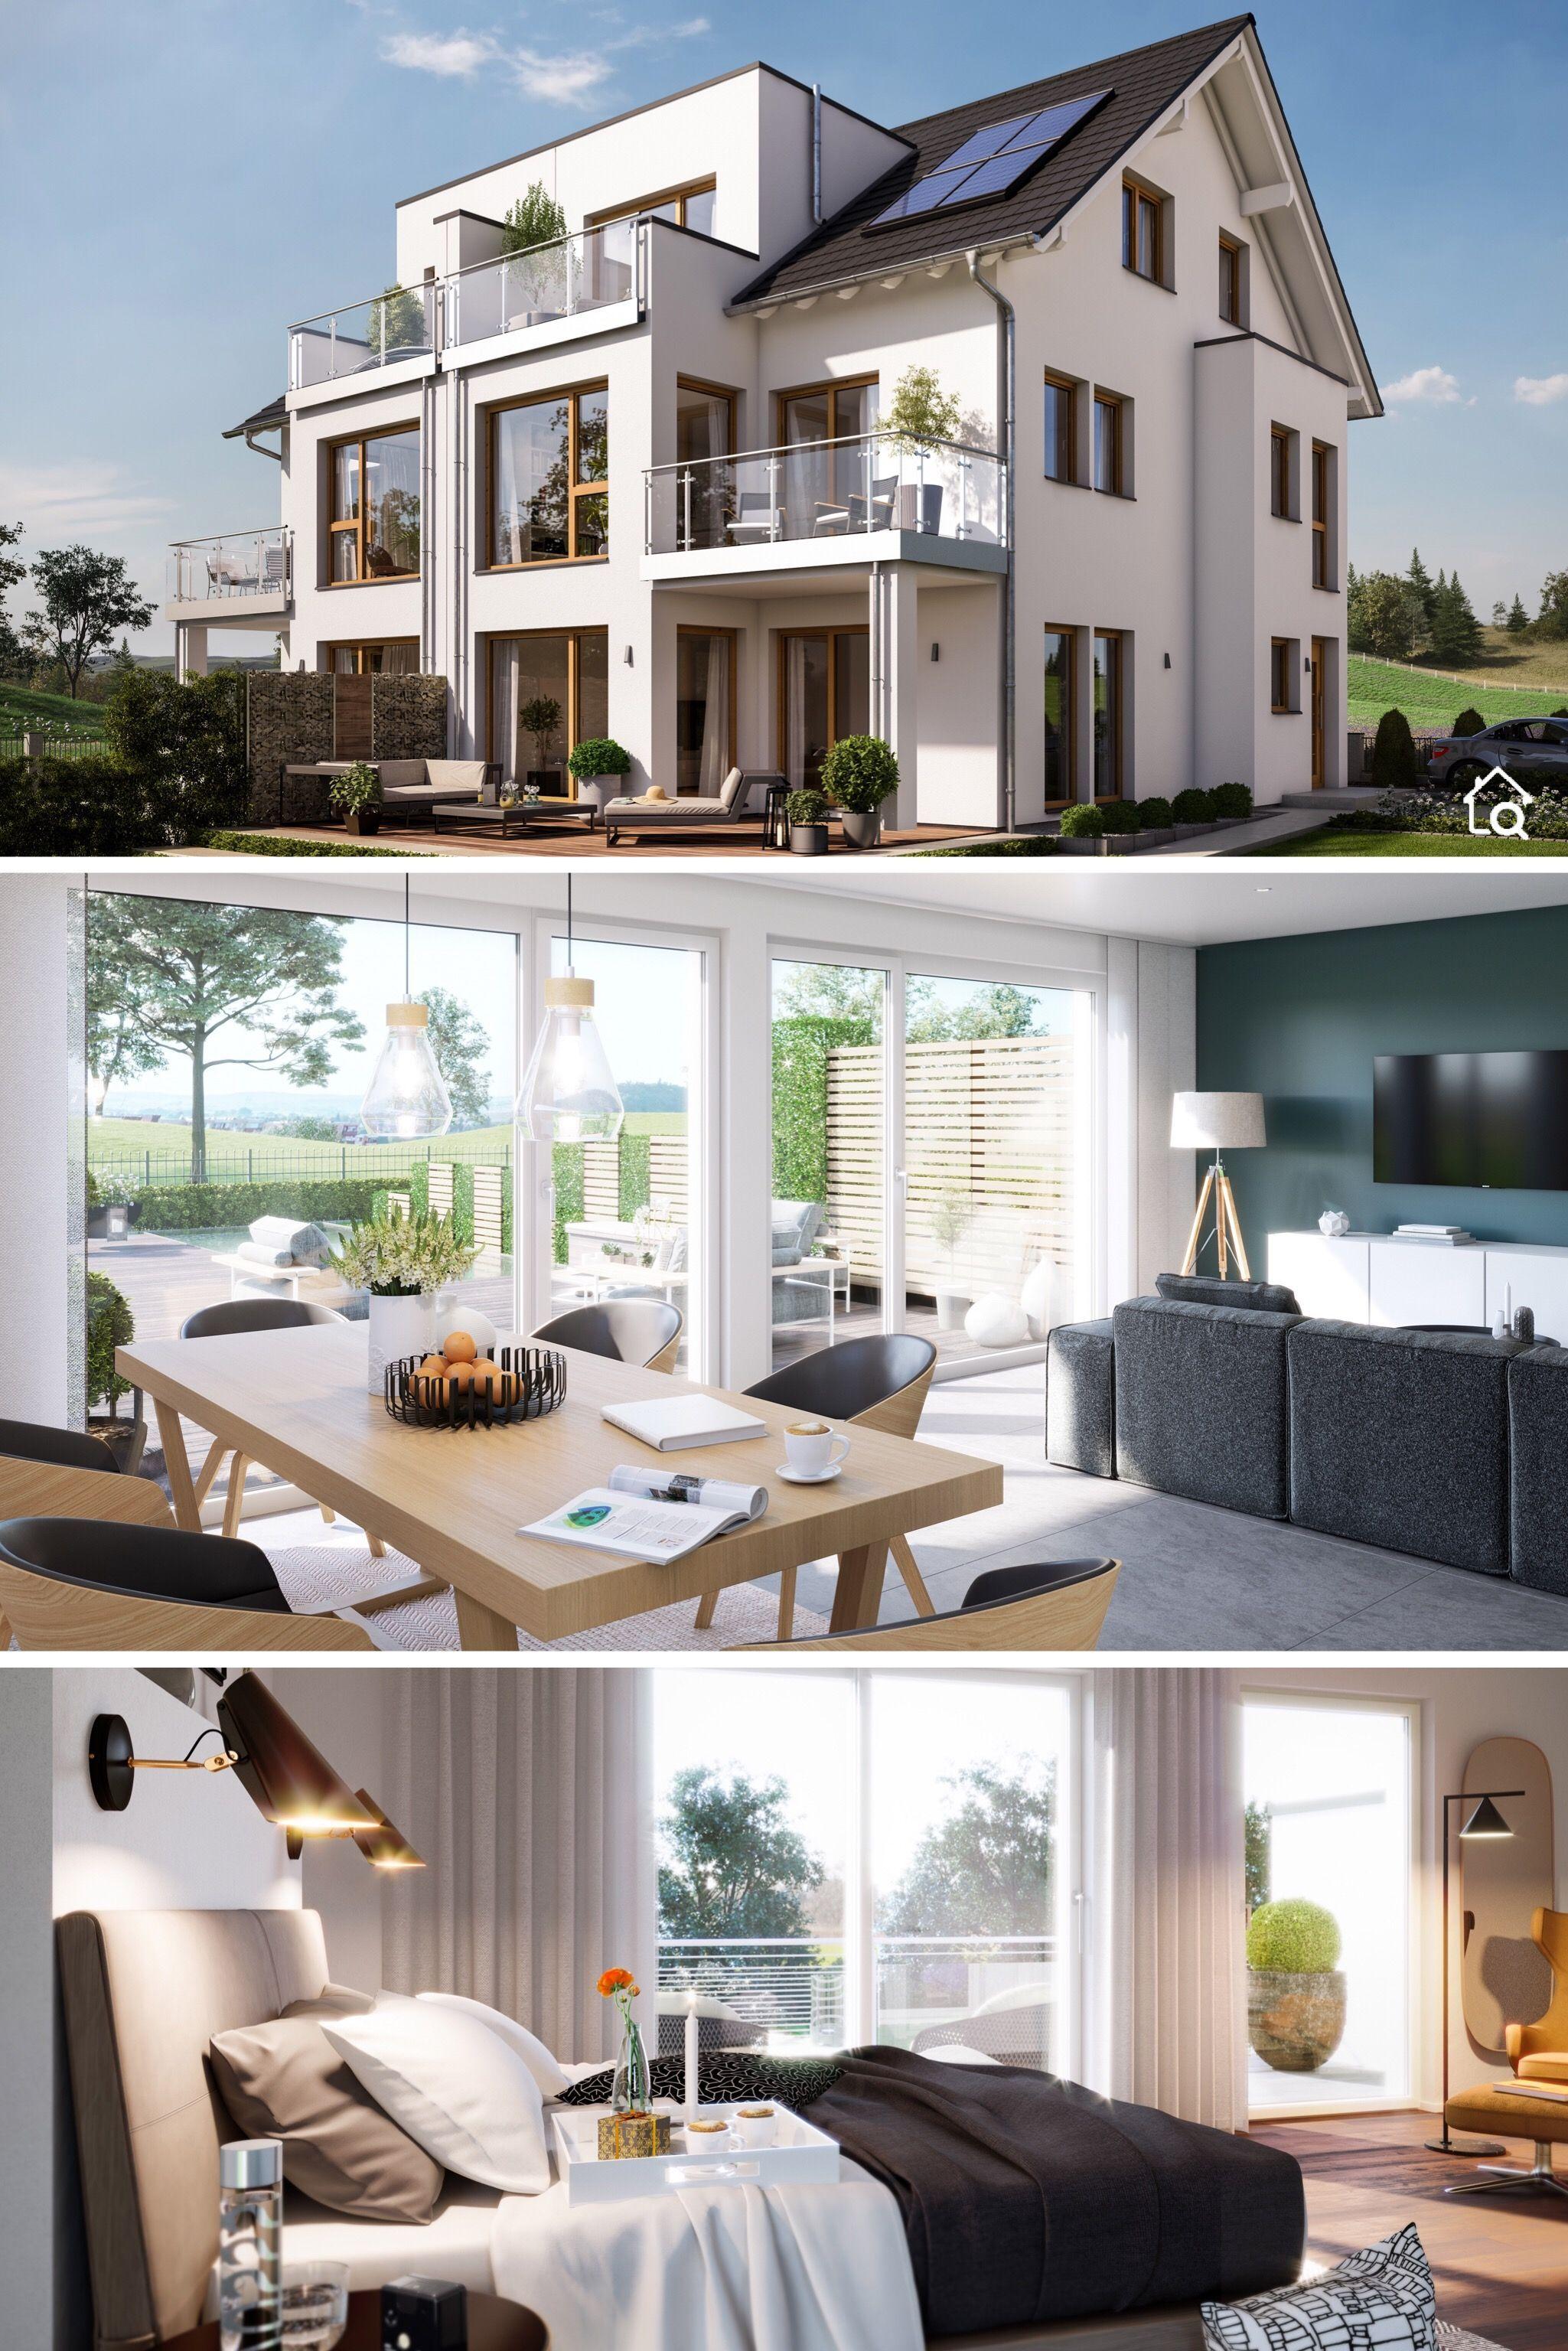 Großes Doppelhaus mit Satteldach Architektur, 7 Zimmer